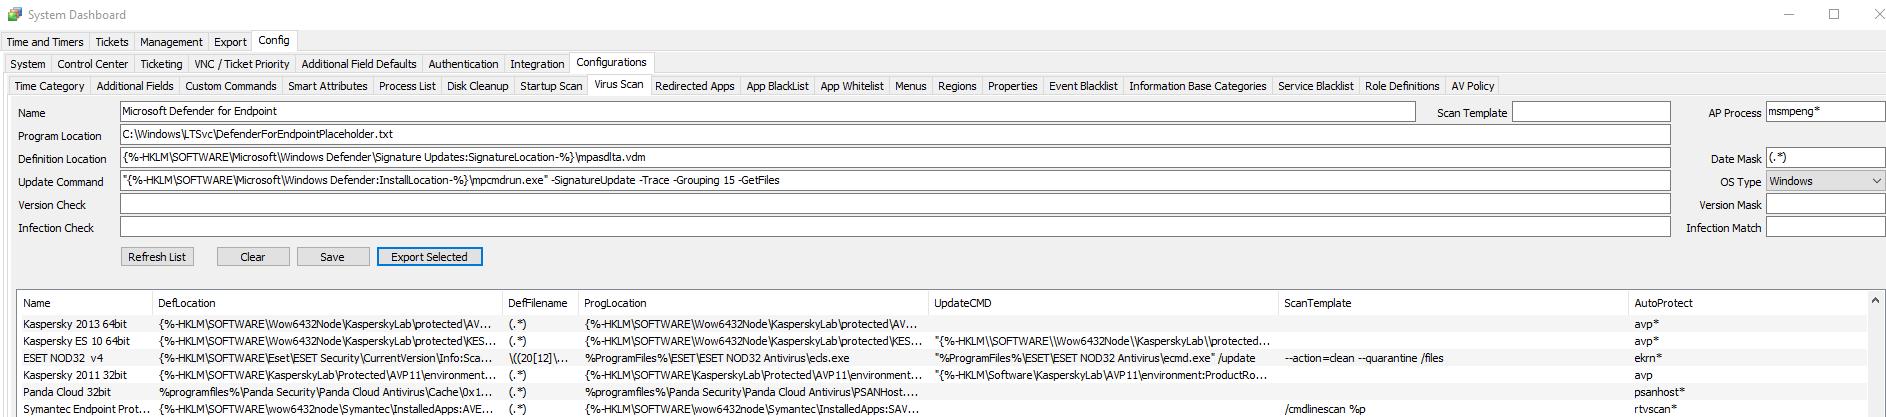 Detect non-standard Antivirus (Like Defender for Endpoint) using Automate AV Detection